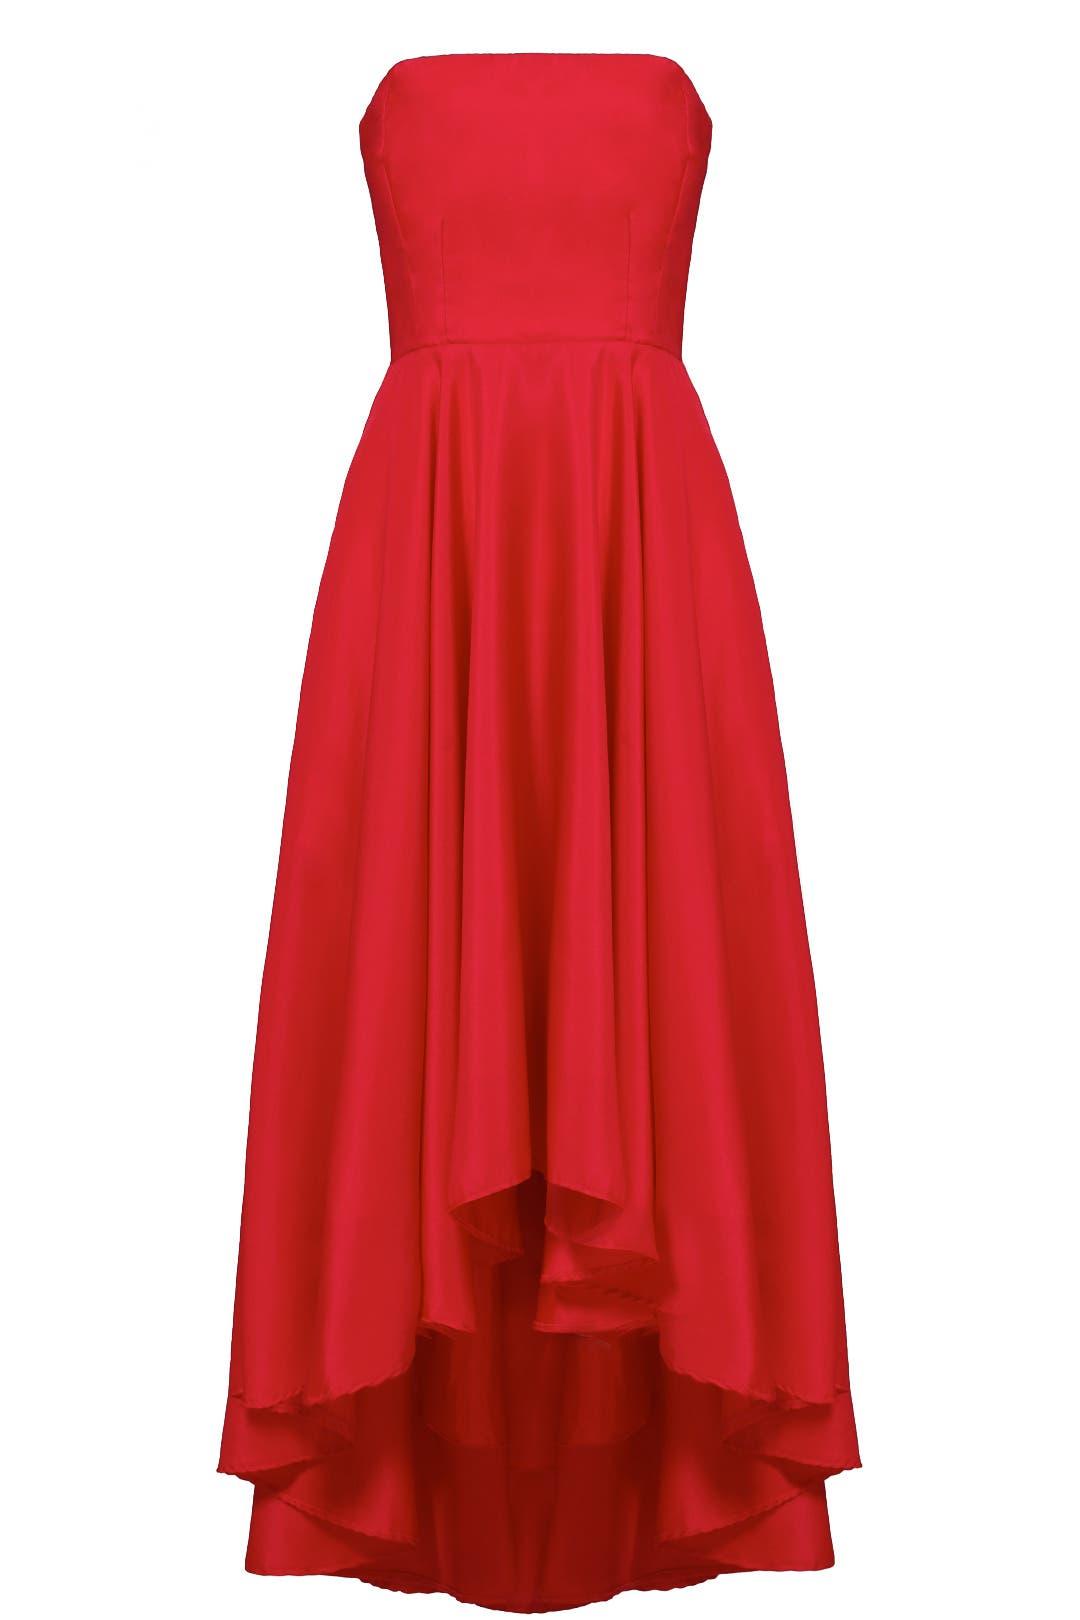 Allison parris red dress